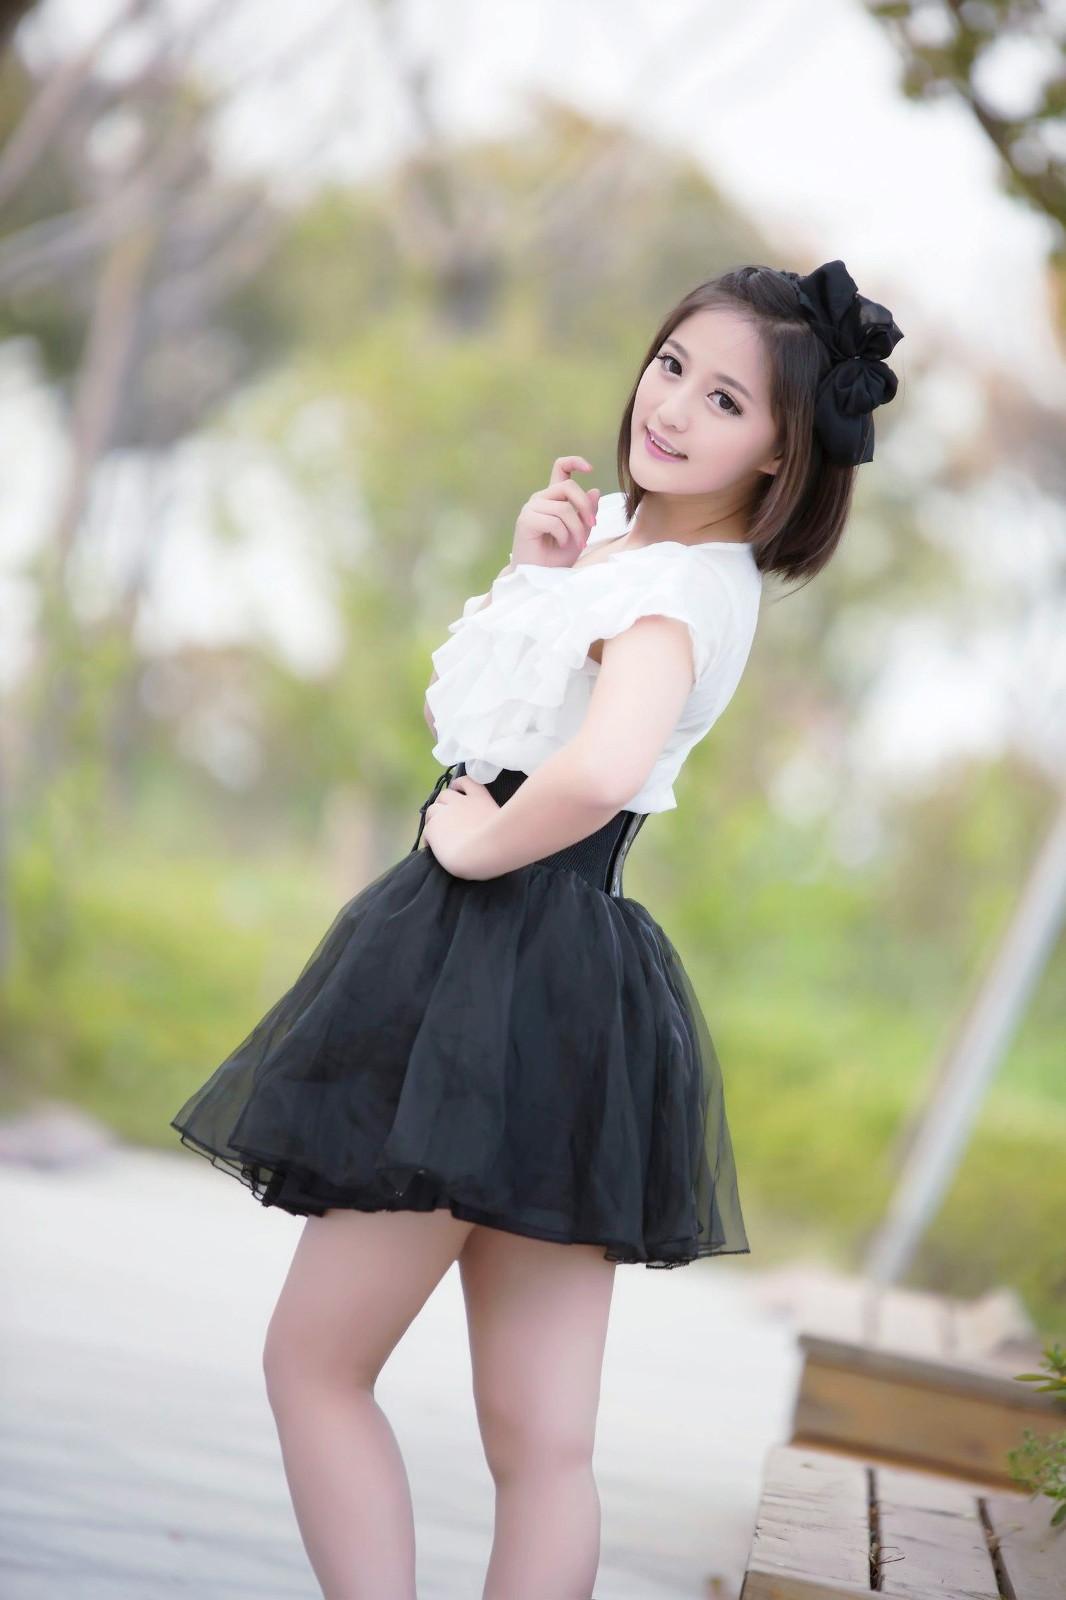 一个年轻时尚,如阳光般温暖笑容的可爱女孩!_新浪看点